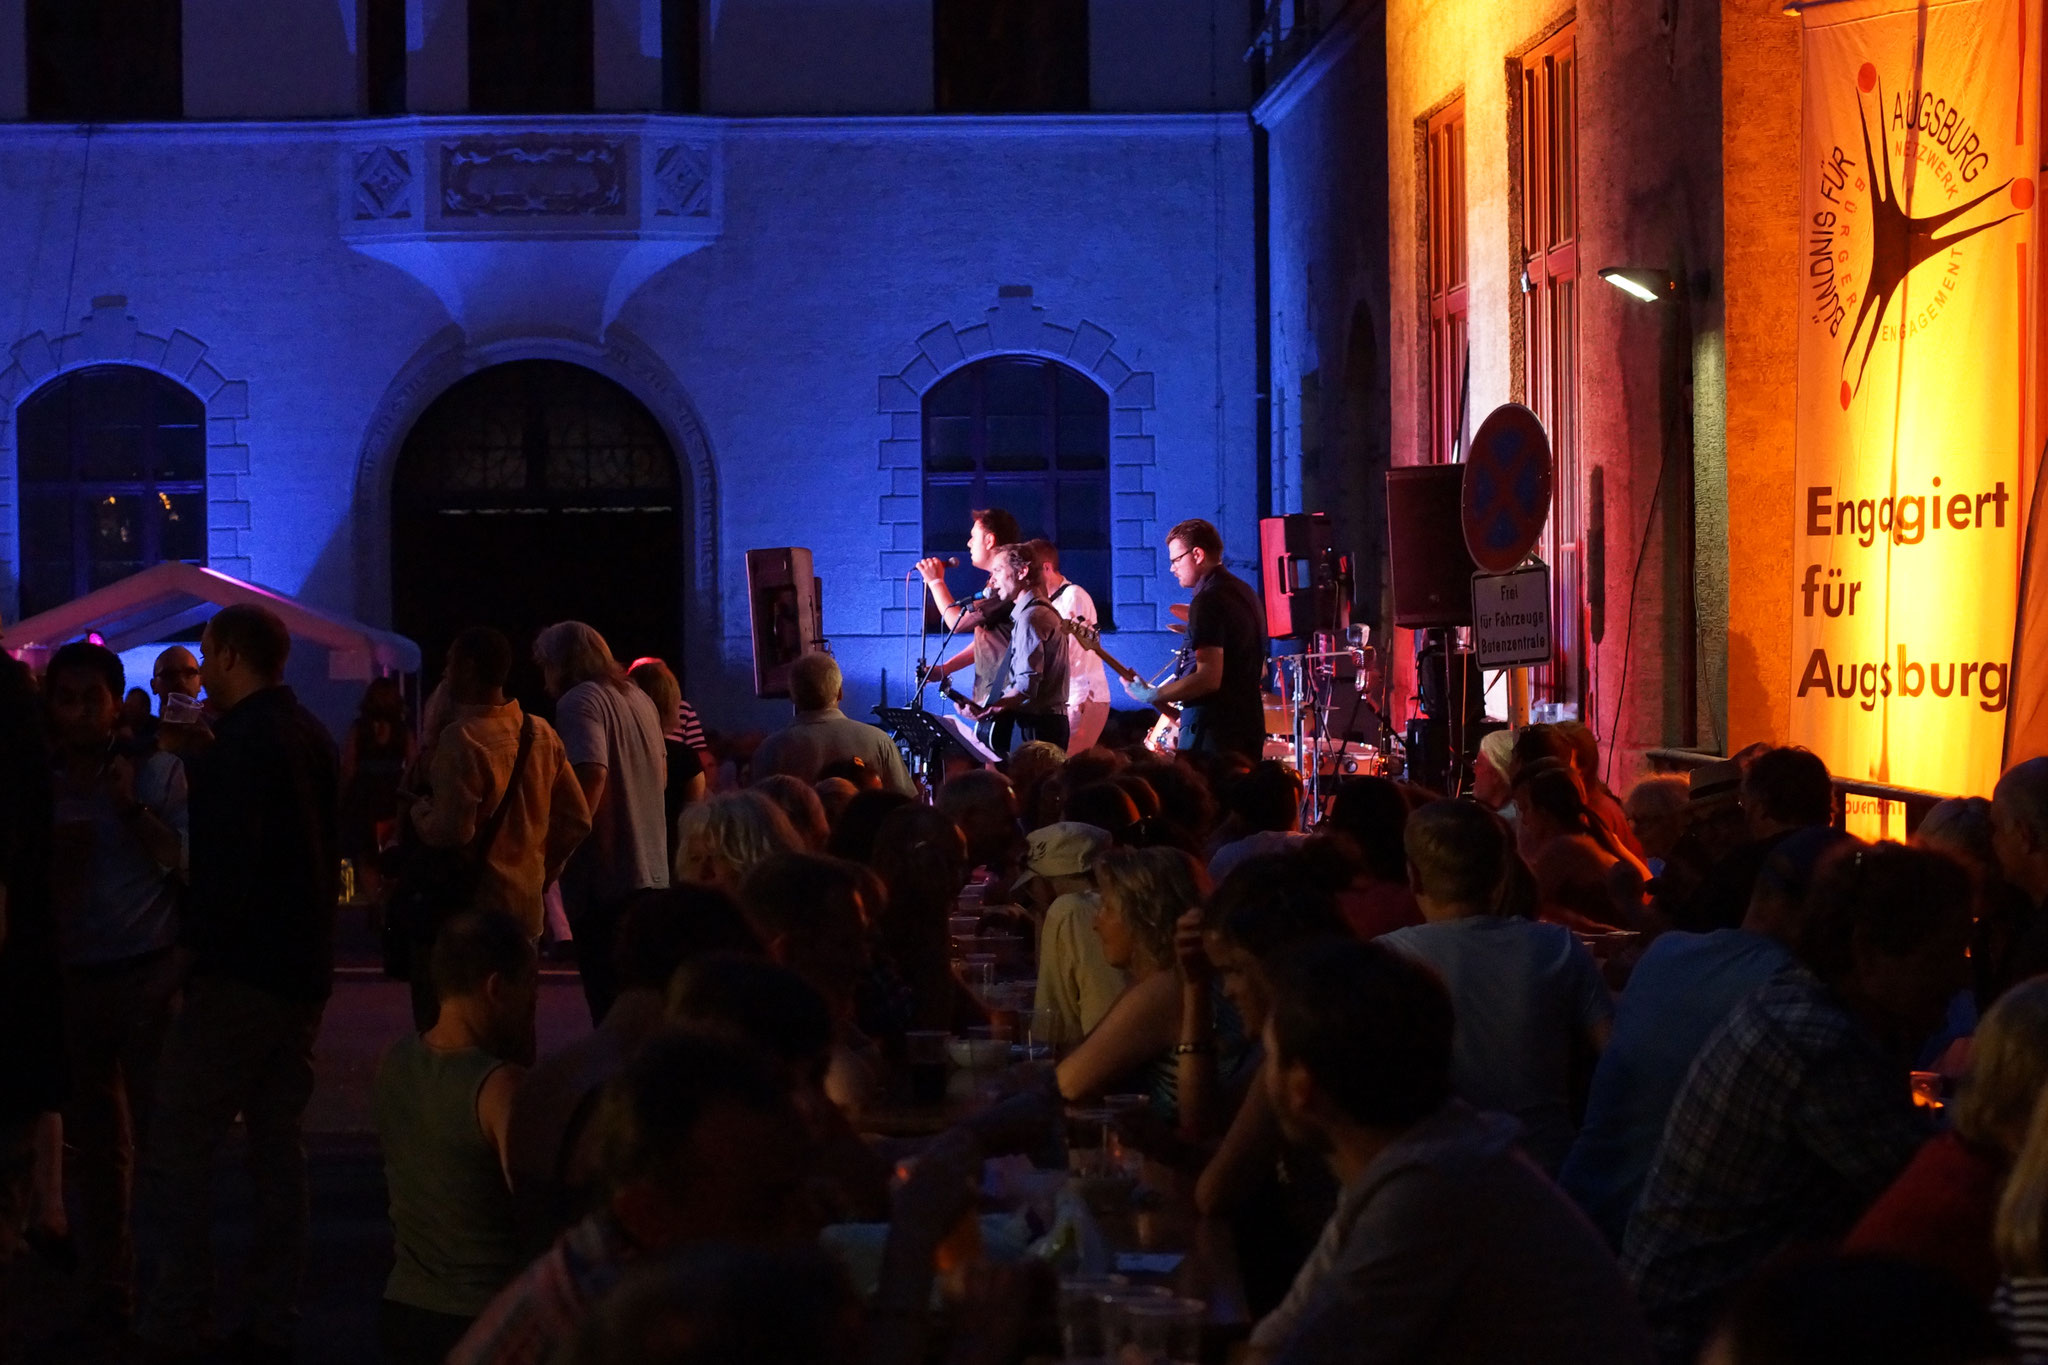 Konzerte im Bürgerhof 02.07.15 Ship & Anchor - Freiwilligen-Zentrum Augsburg - Foto: Crayfish